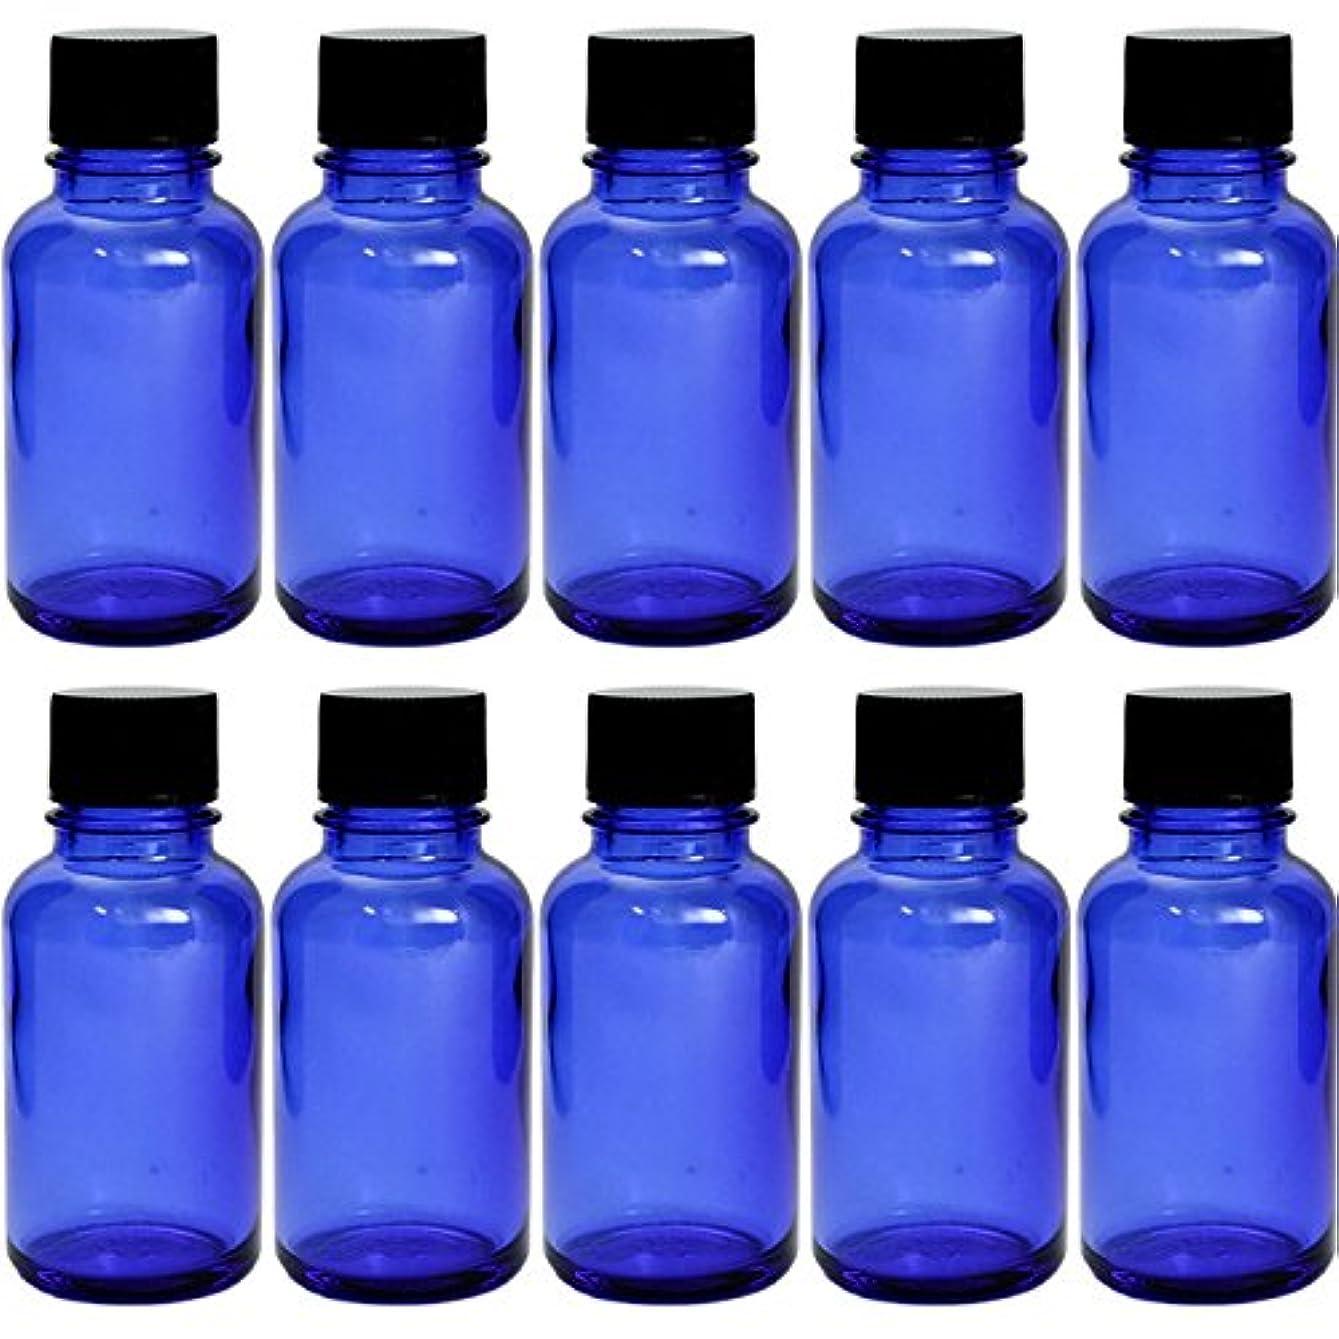 句鉄しみ遮光瓶 ブルー 30cc SYA-B30cc -10本セット- (黒CAP 穴なし中栓付)